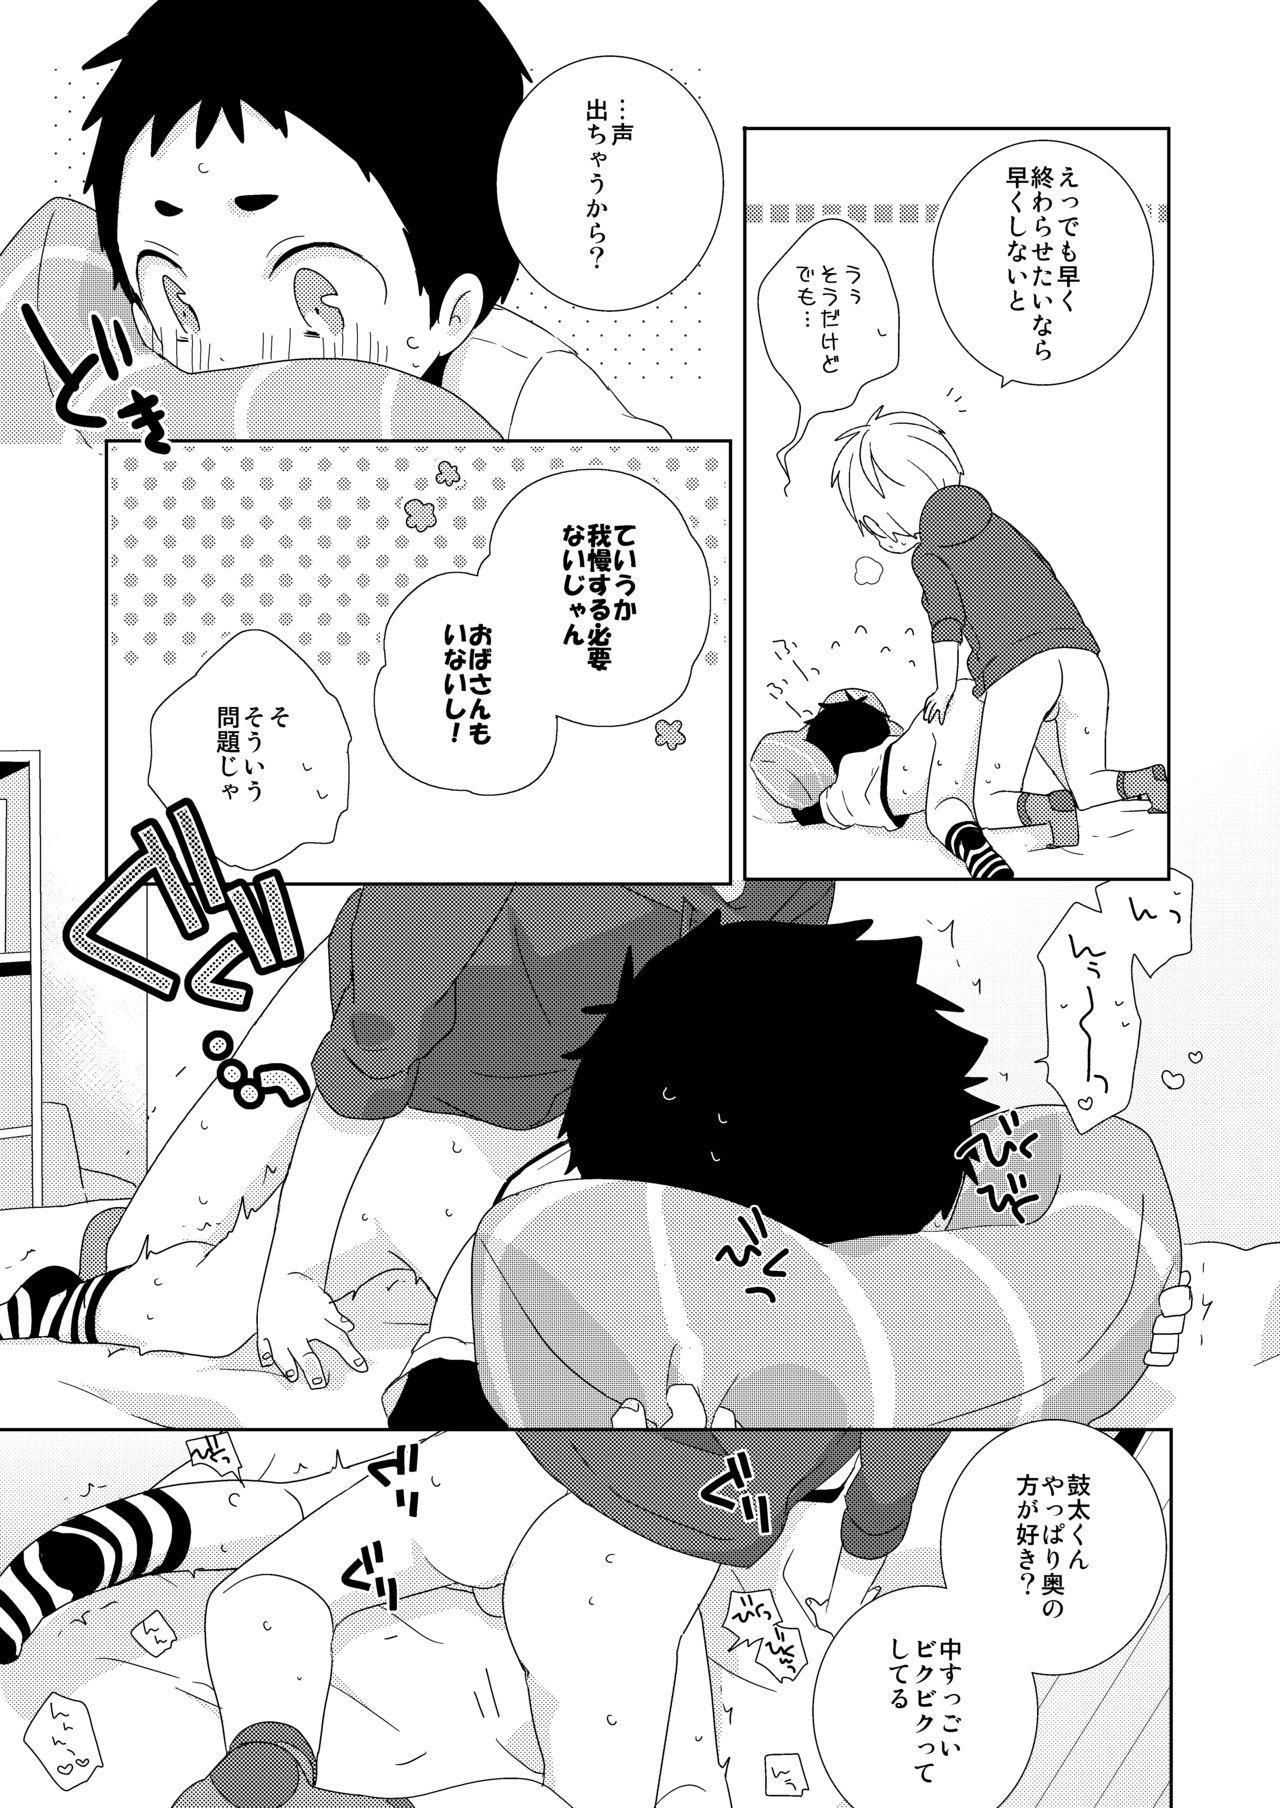 Kota-kun Ecchi Shiyo! 17